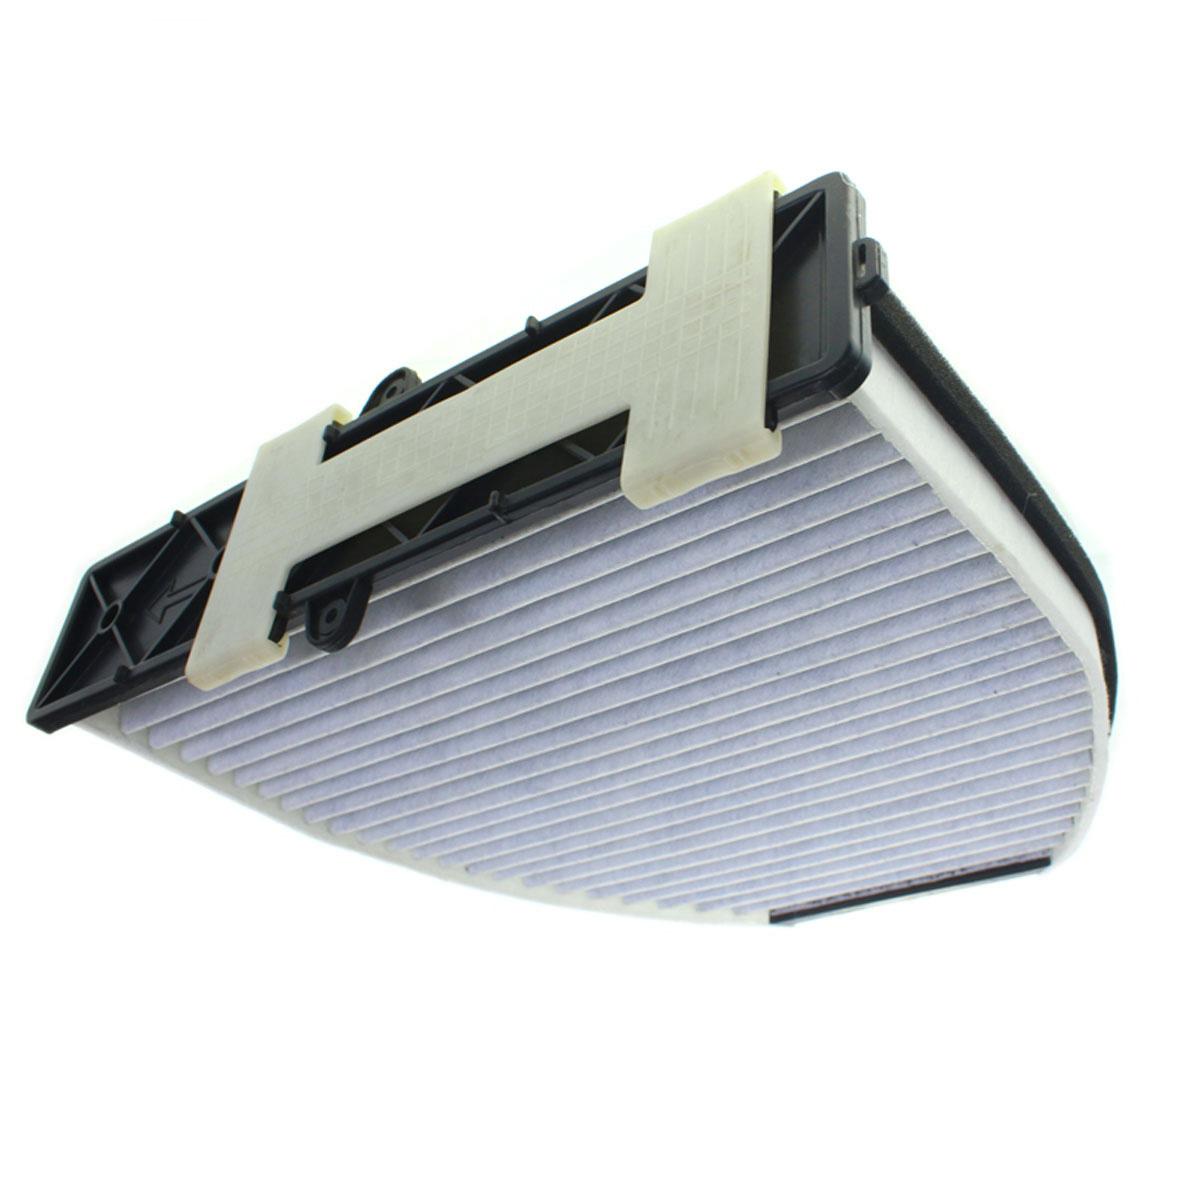 Aktivkohlefilter Innenraumluftfilter für Mercedes-Benz entsp. CUK29005, FK00108